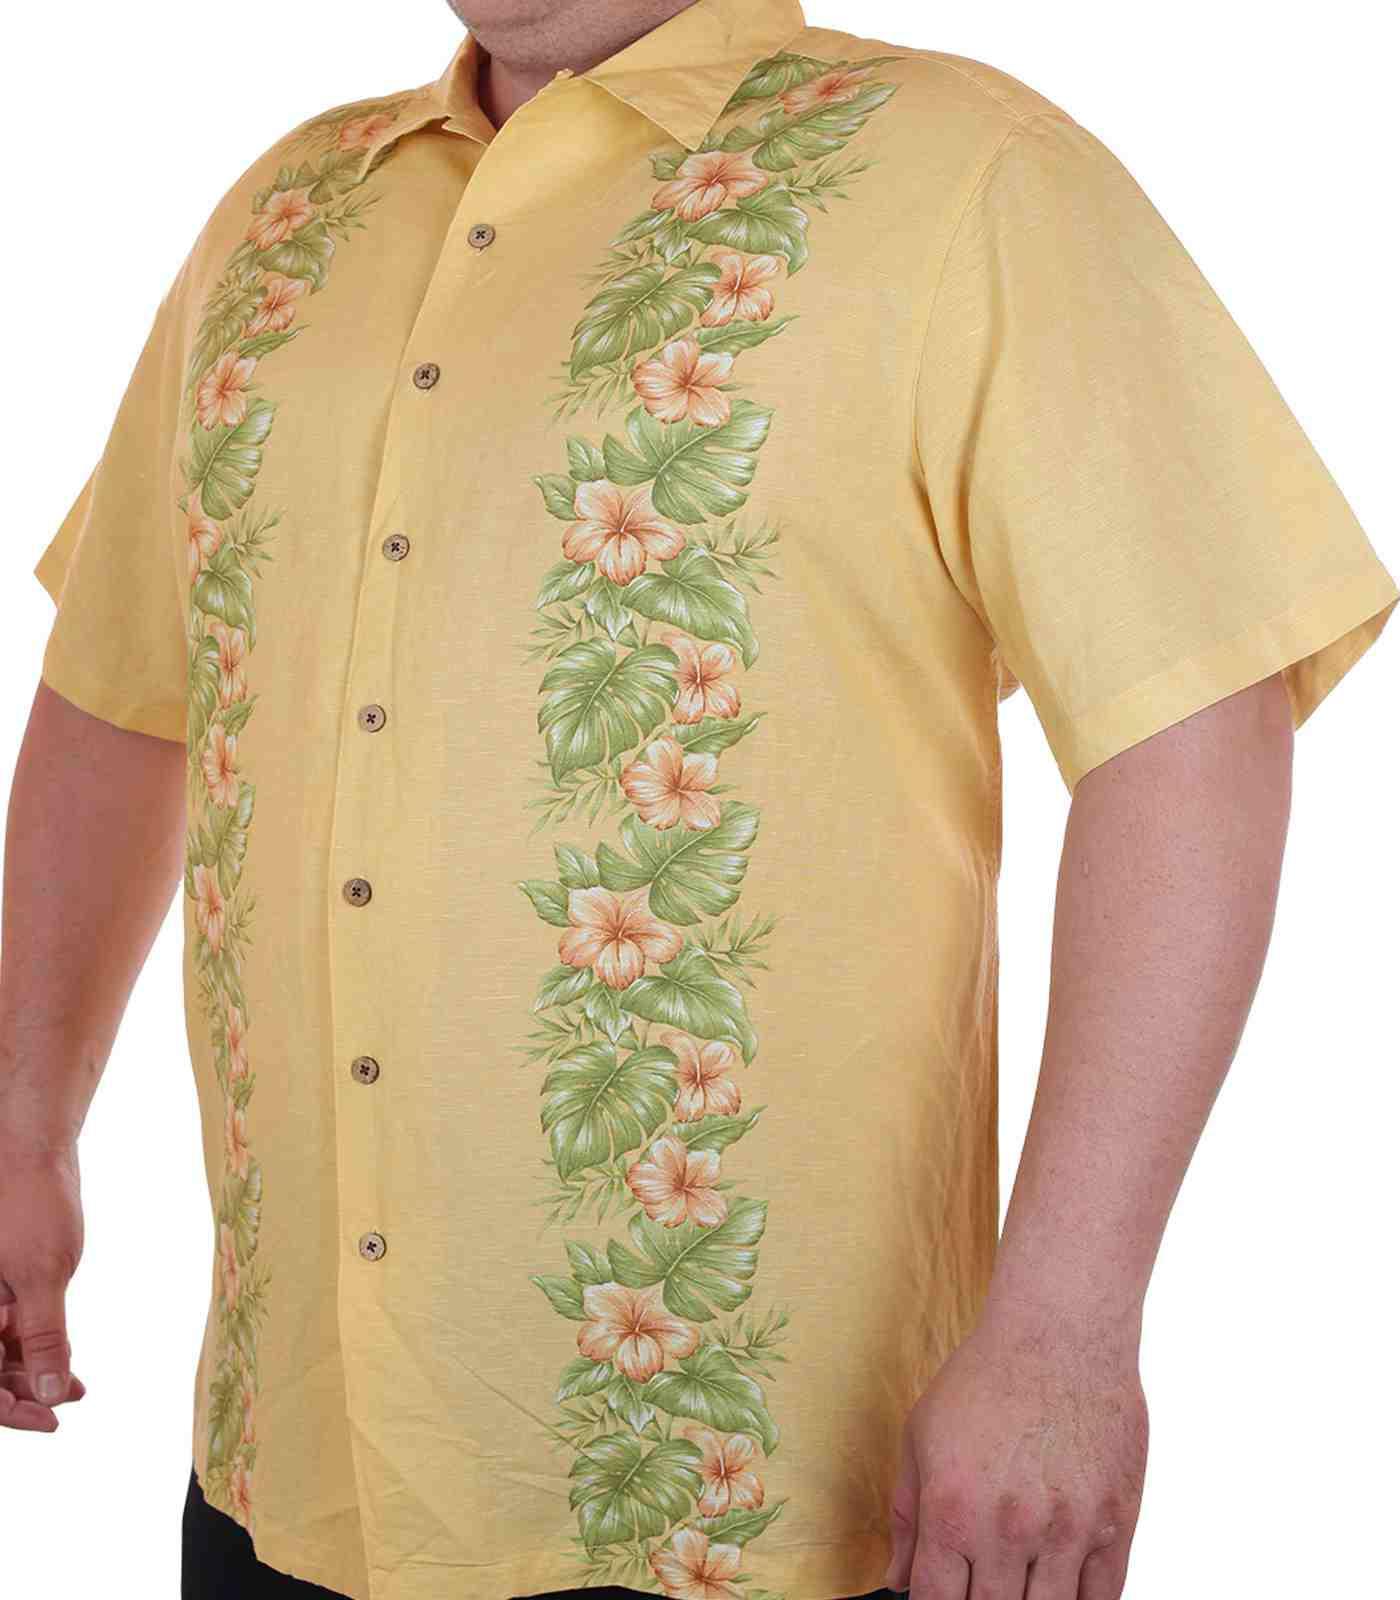 Курортная рубашка больших размеров (батал) для высоких мужчин Caribbean Joe-главная